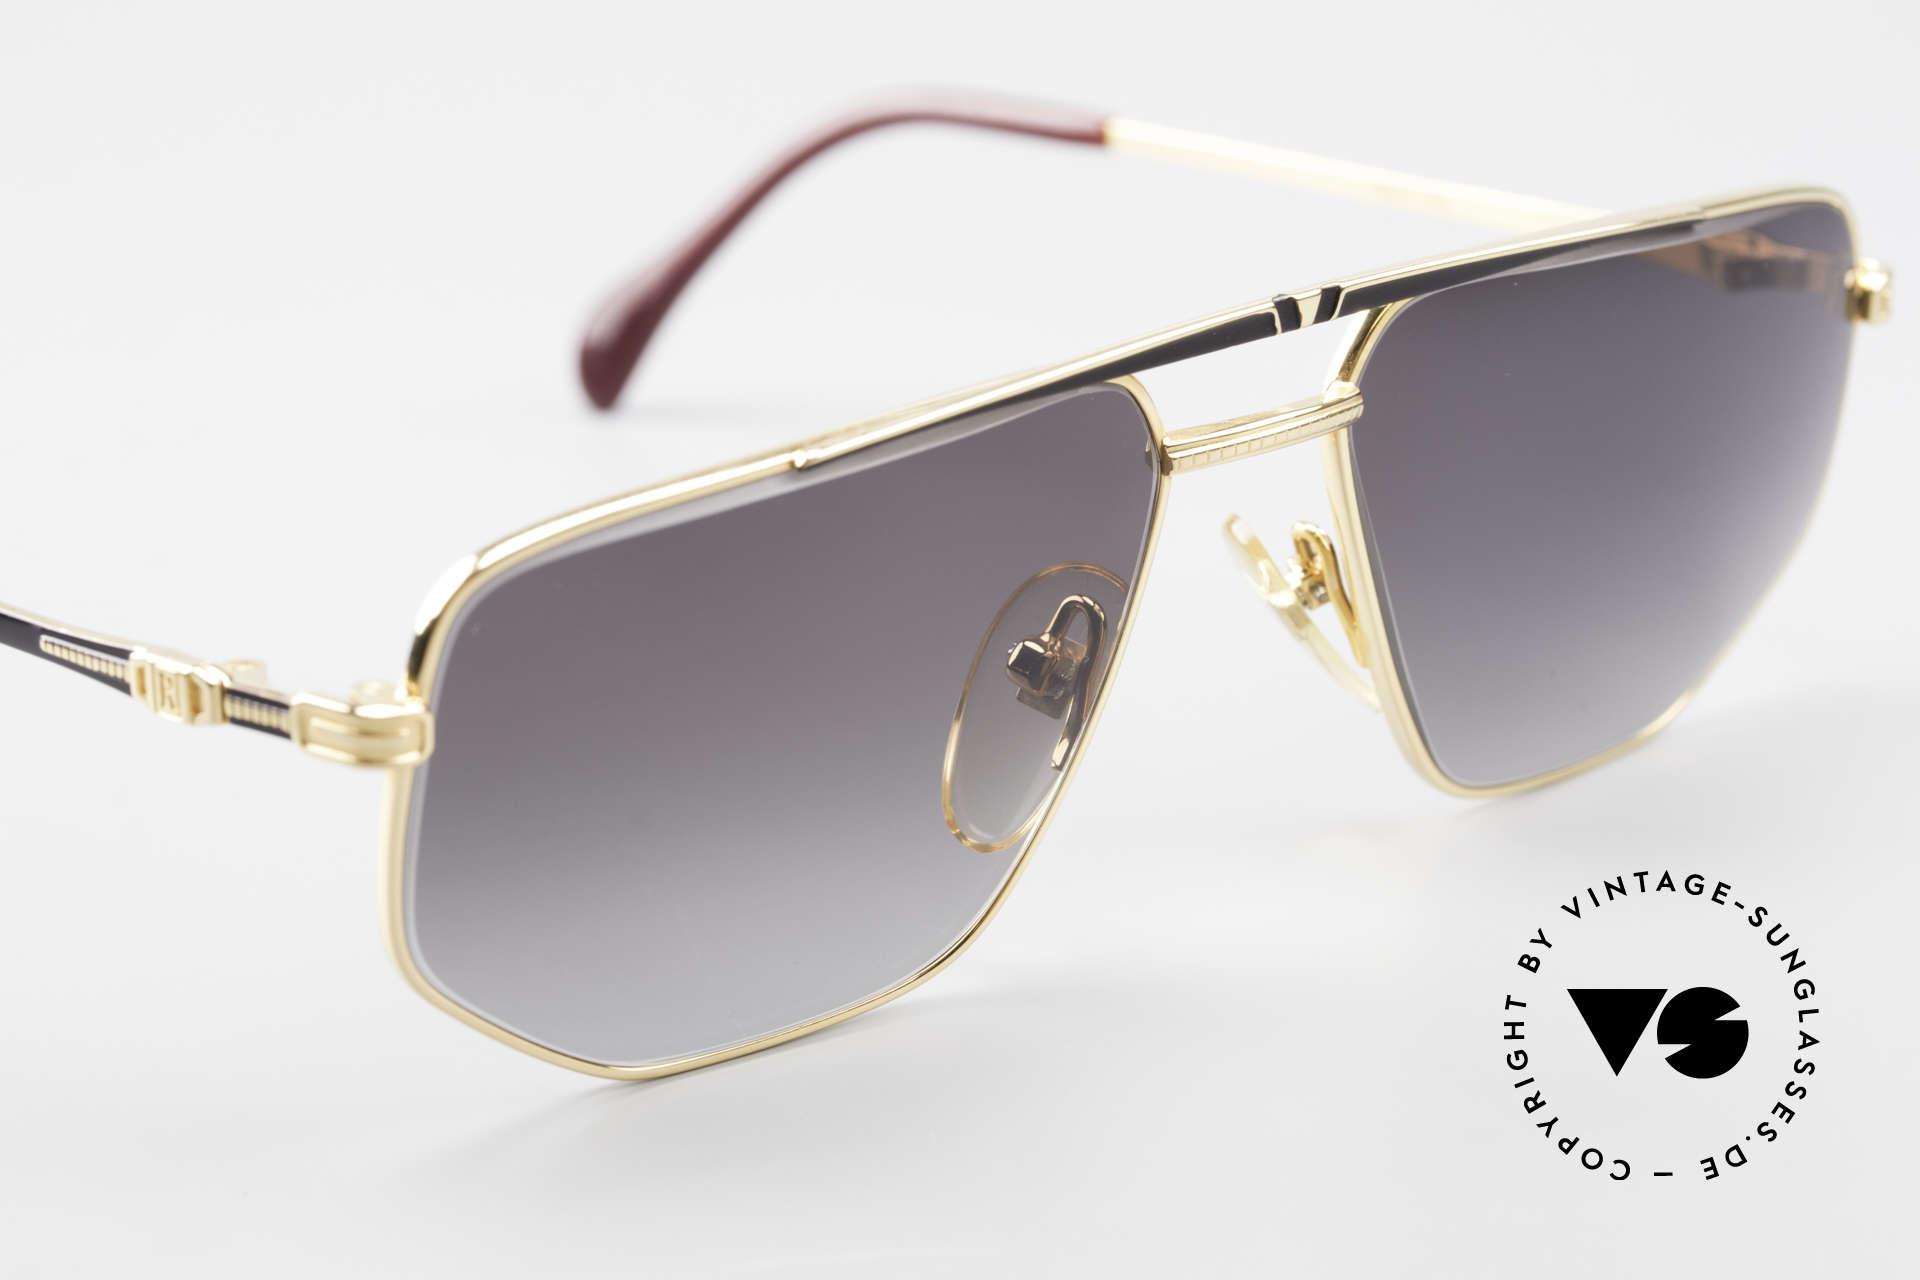 Roman Rothschild R1037 Vergoldete Sonnenbrille Luxus, KEINE Retrobrille, sondern ein kostbares altes Original, Passend für Herren und Damen